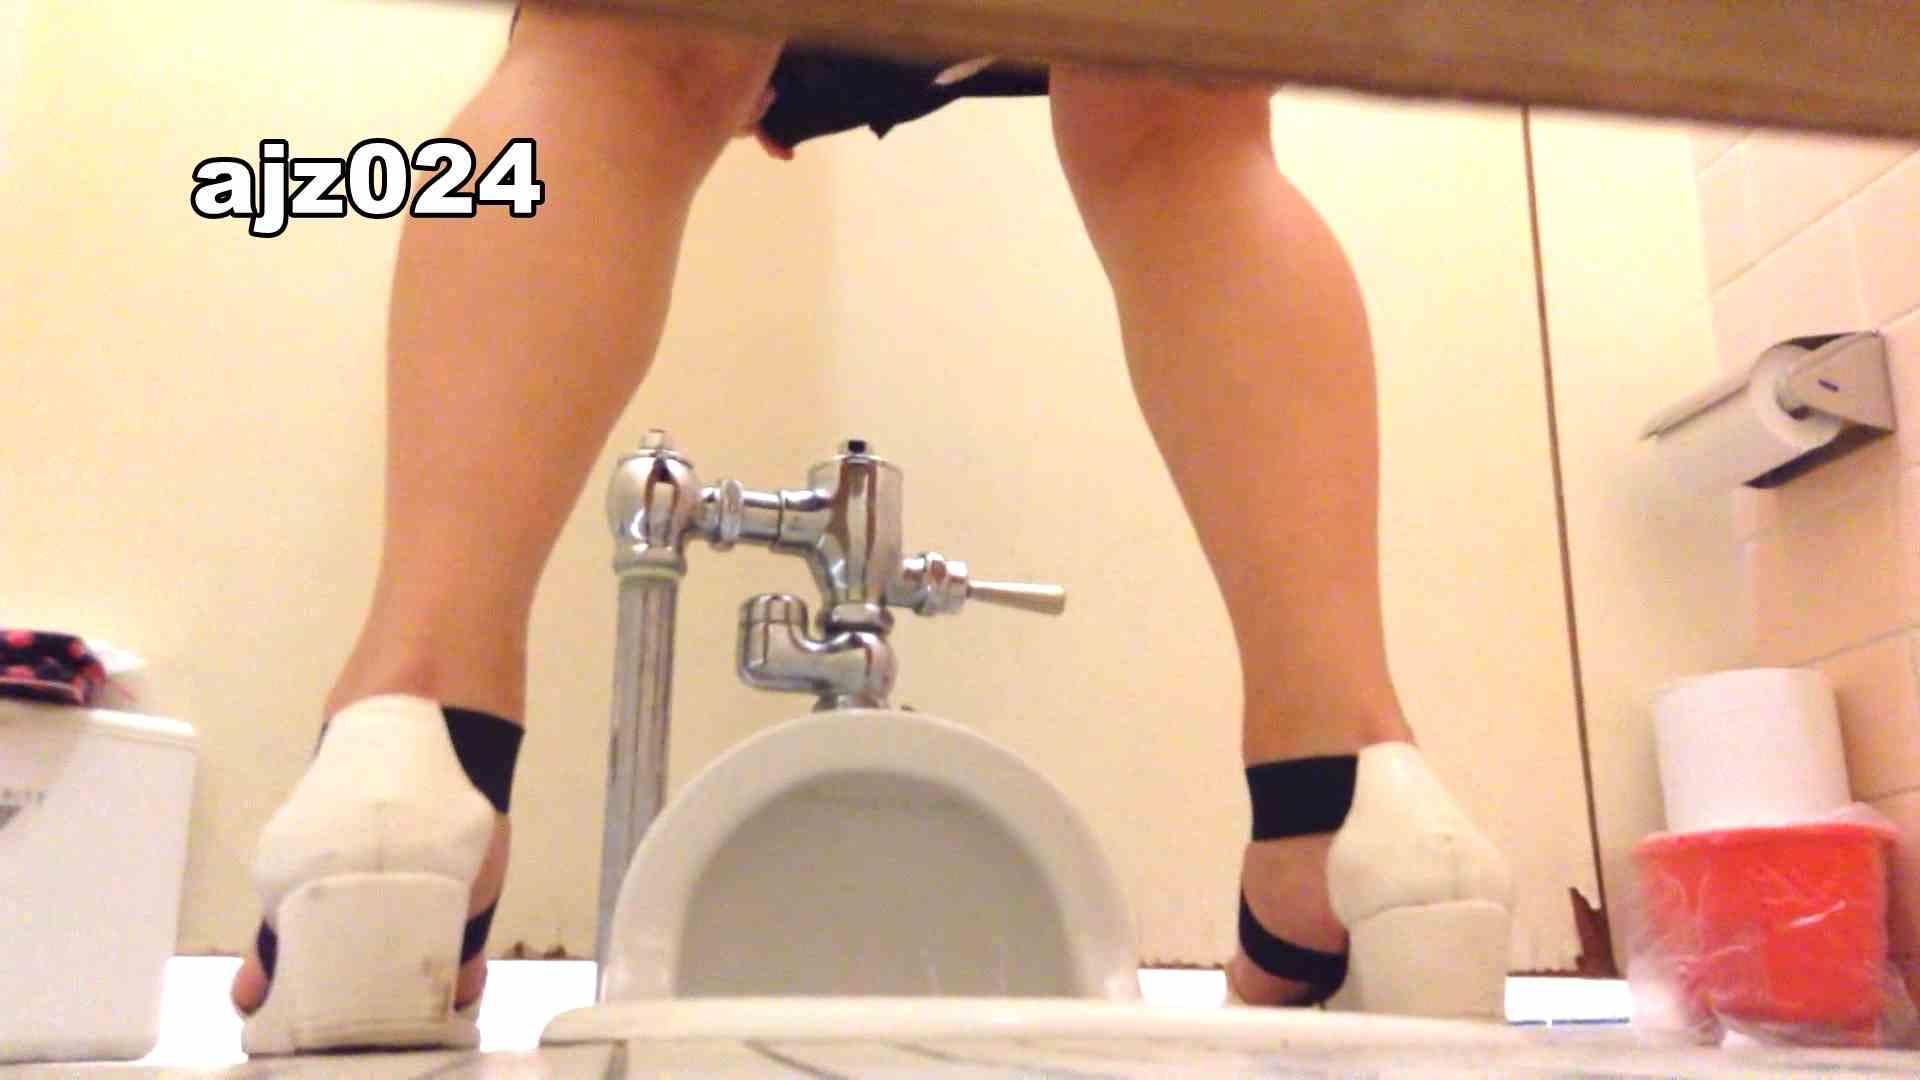 某有名大学女性洗面所 vol.24 洗面所 | 和式  10枚 1